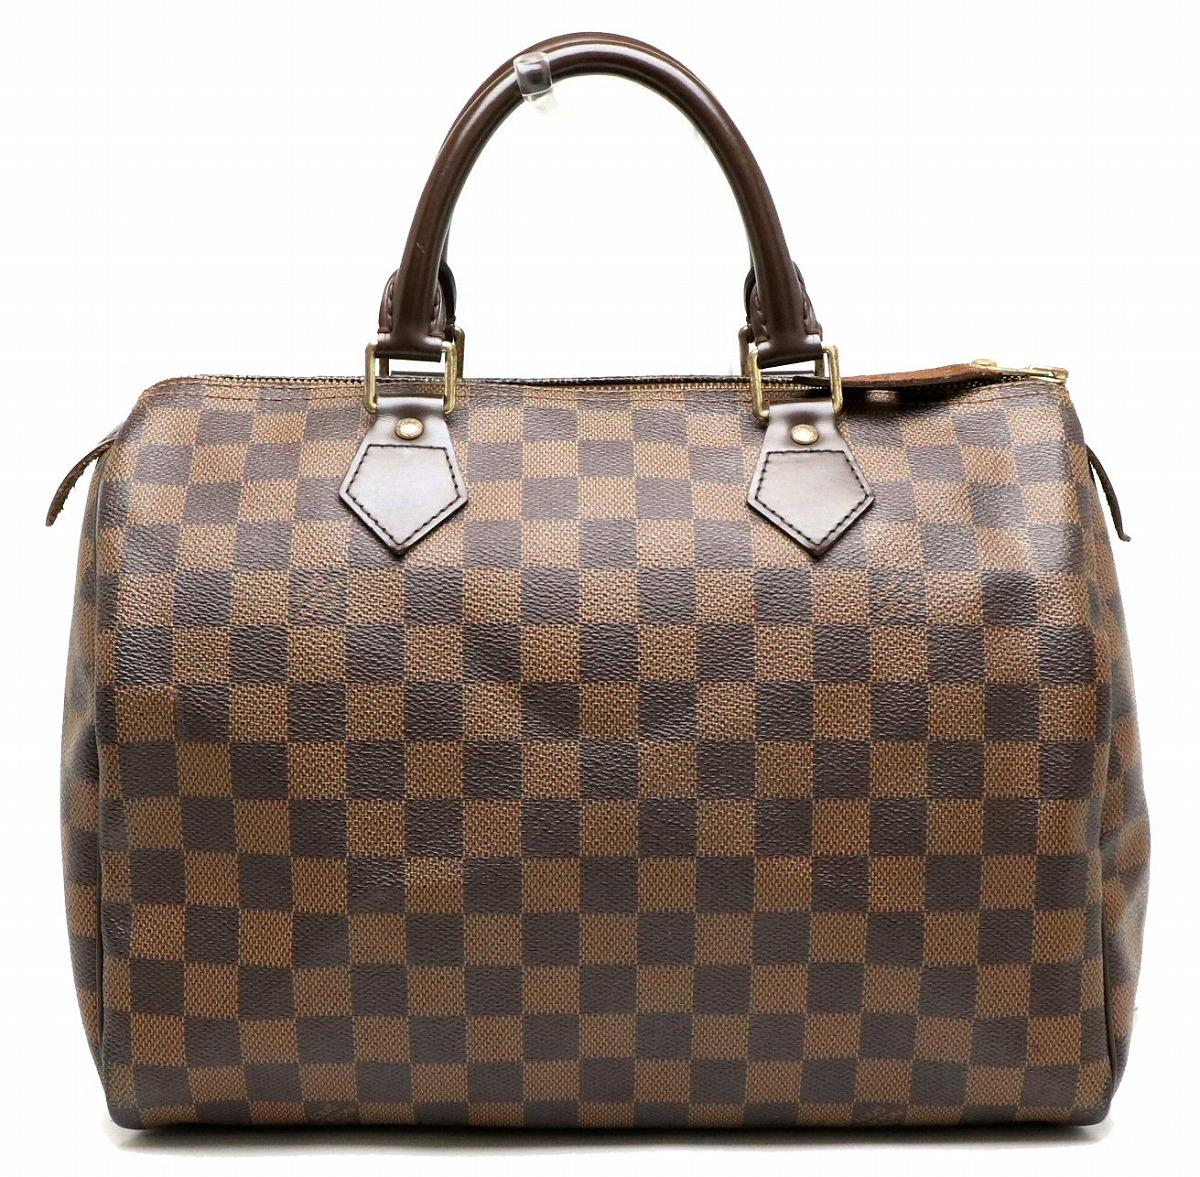 【バッグ】LOUIS VUITTON ルイ ヴィトン ダミエ スピーディ30 ハンドバッグ ミニボストンバッグ N41531 【中古】